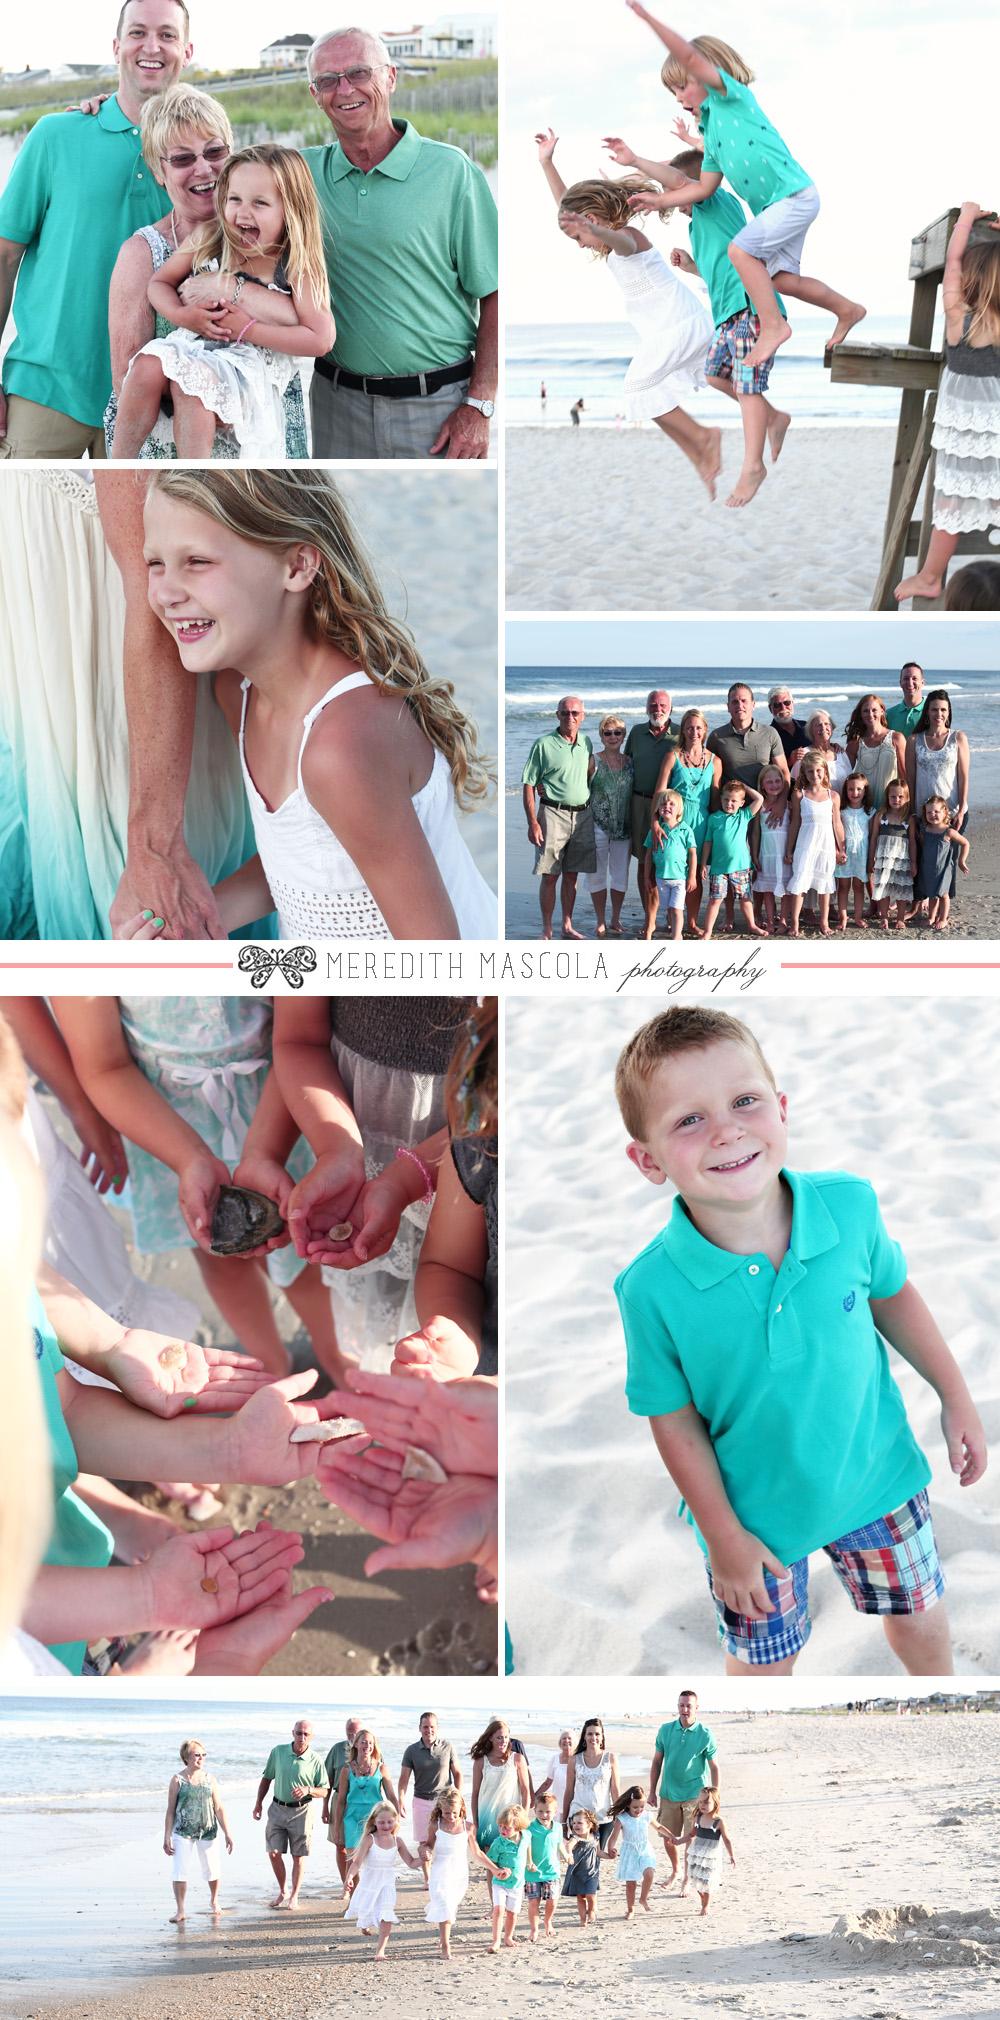 newjerseyfamilyphotographer19.jpg